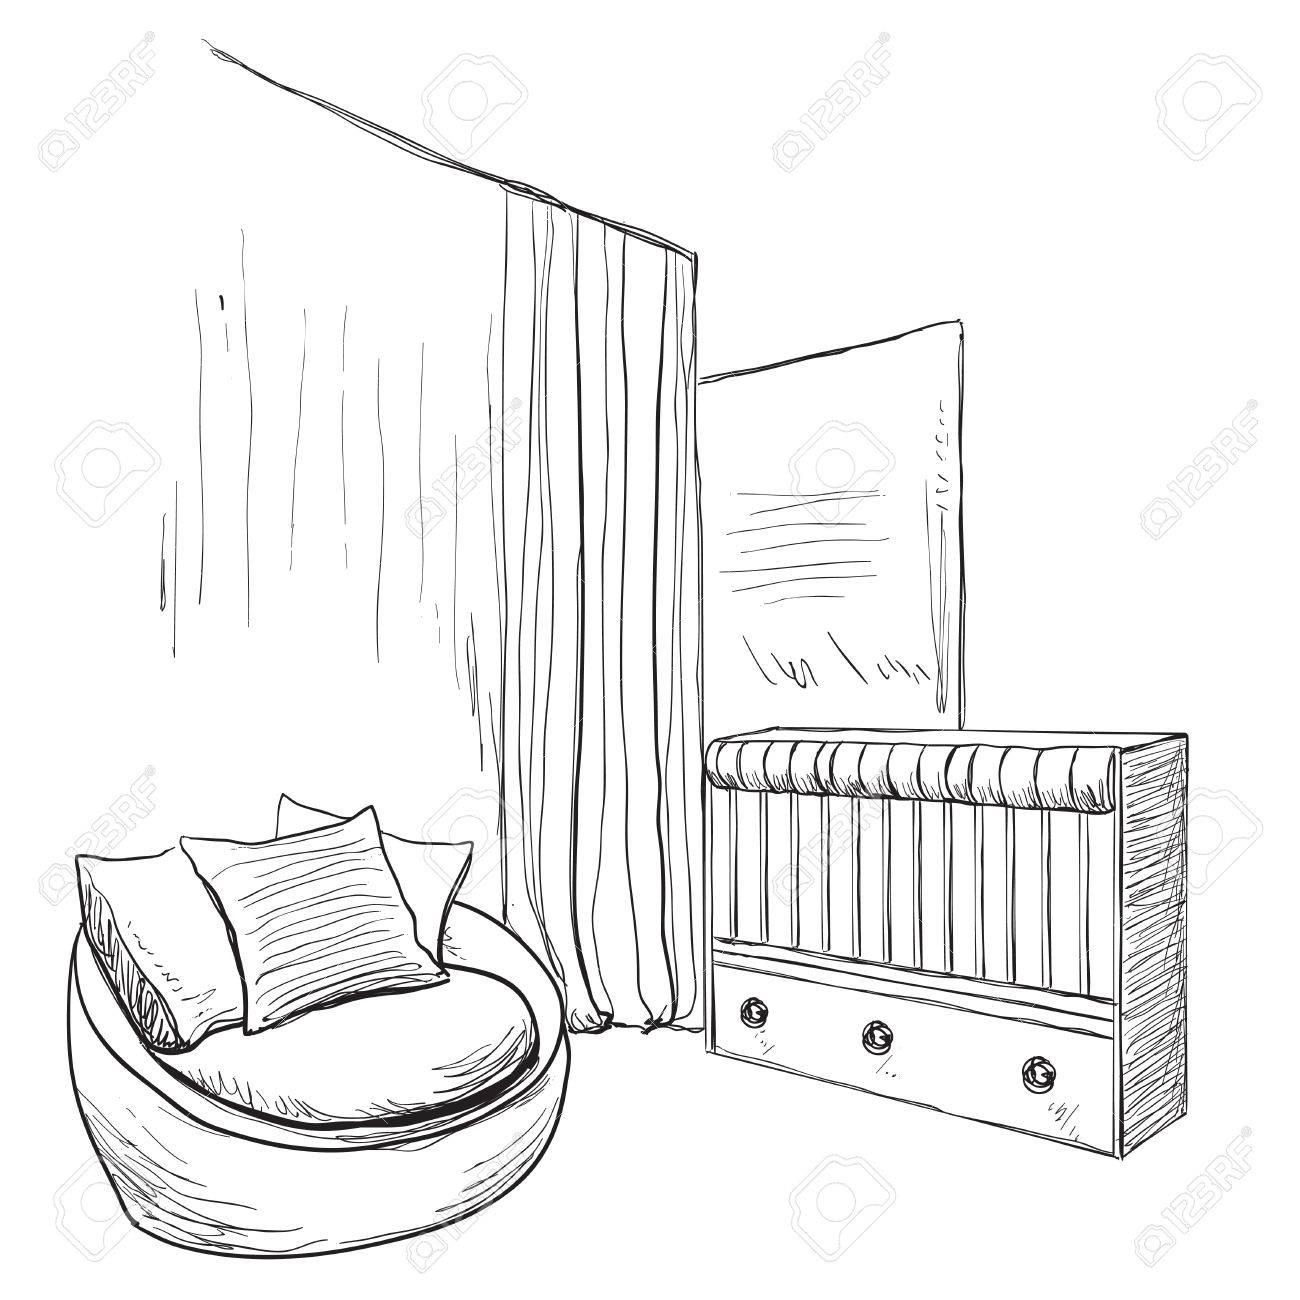 Hand Gezeichnet Kinderzimmer Mobel Skizze Babybett Standard Bild